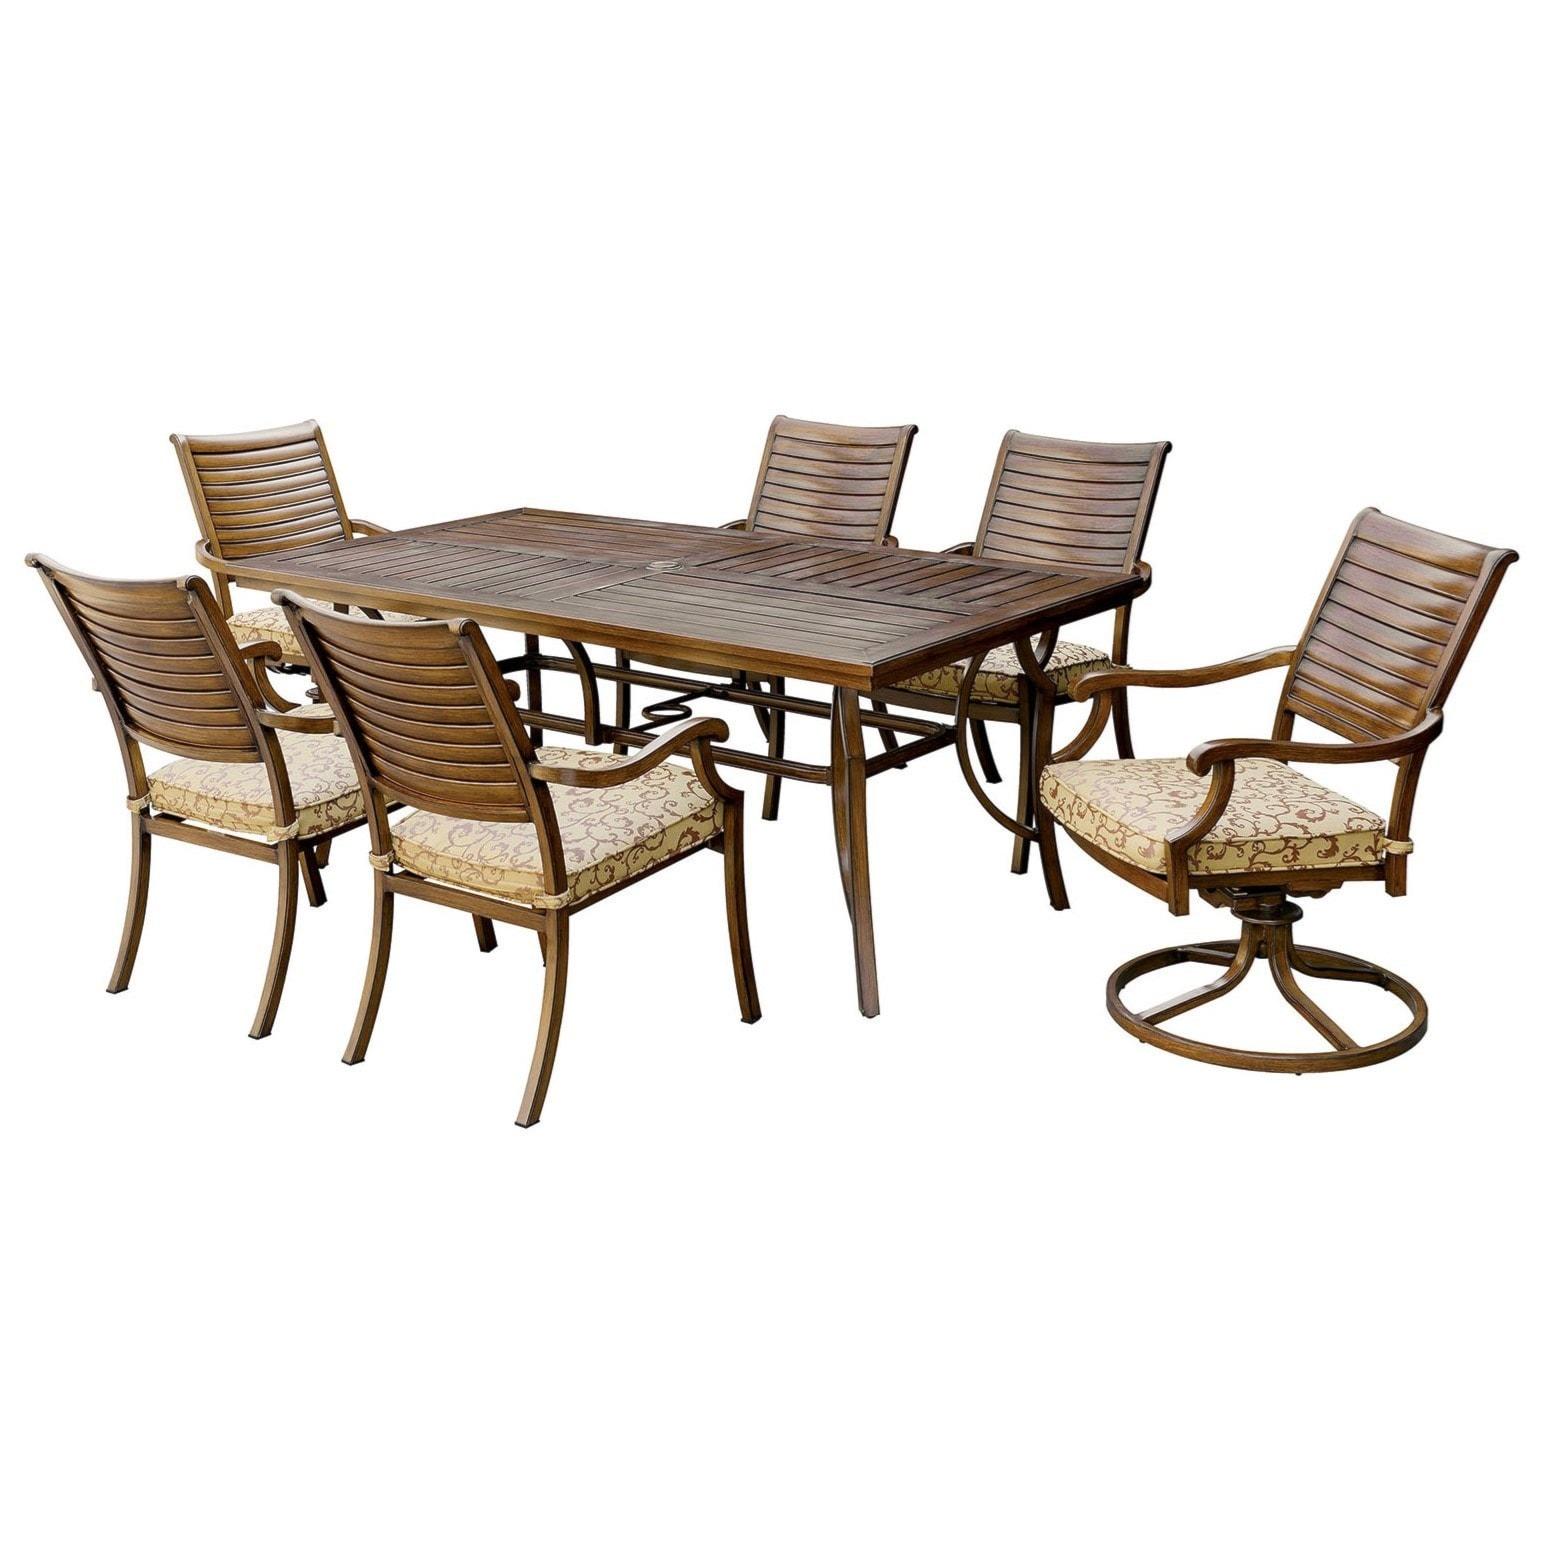 desiree furniture. Furniture Of America DesireePatio Dining Table Desiree